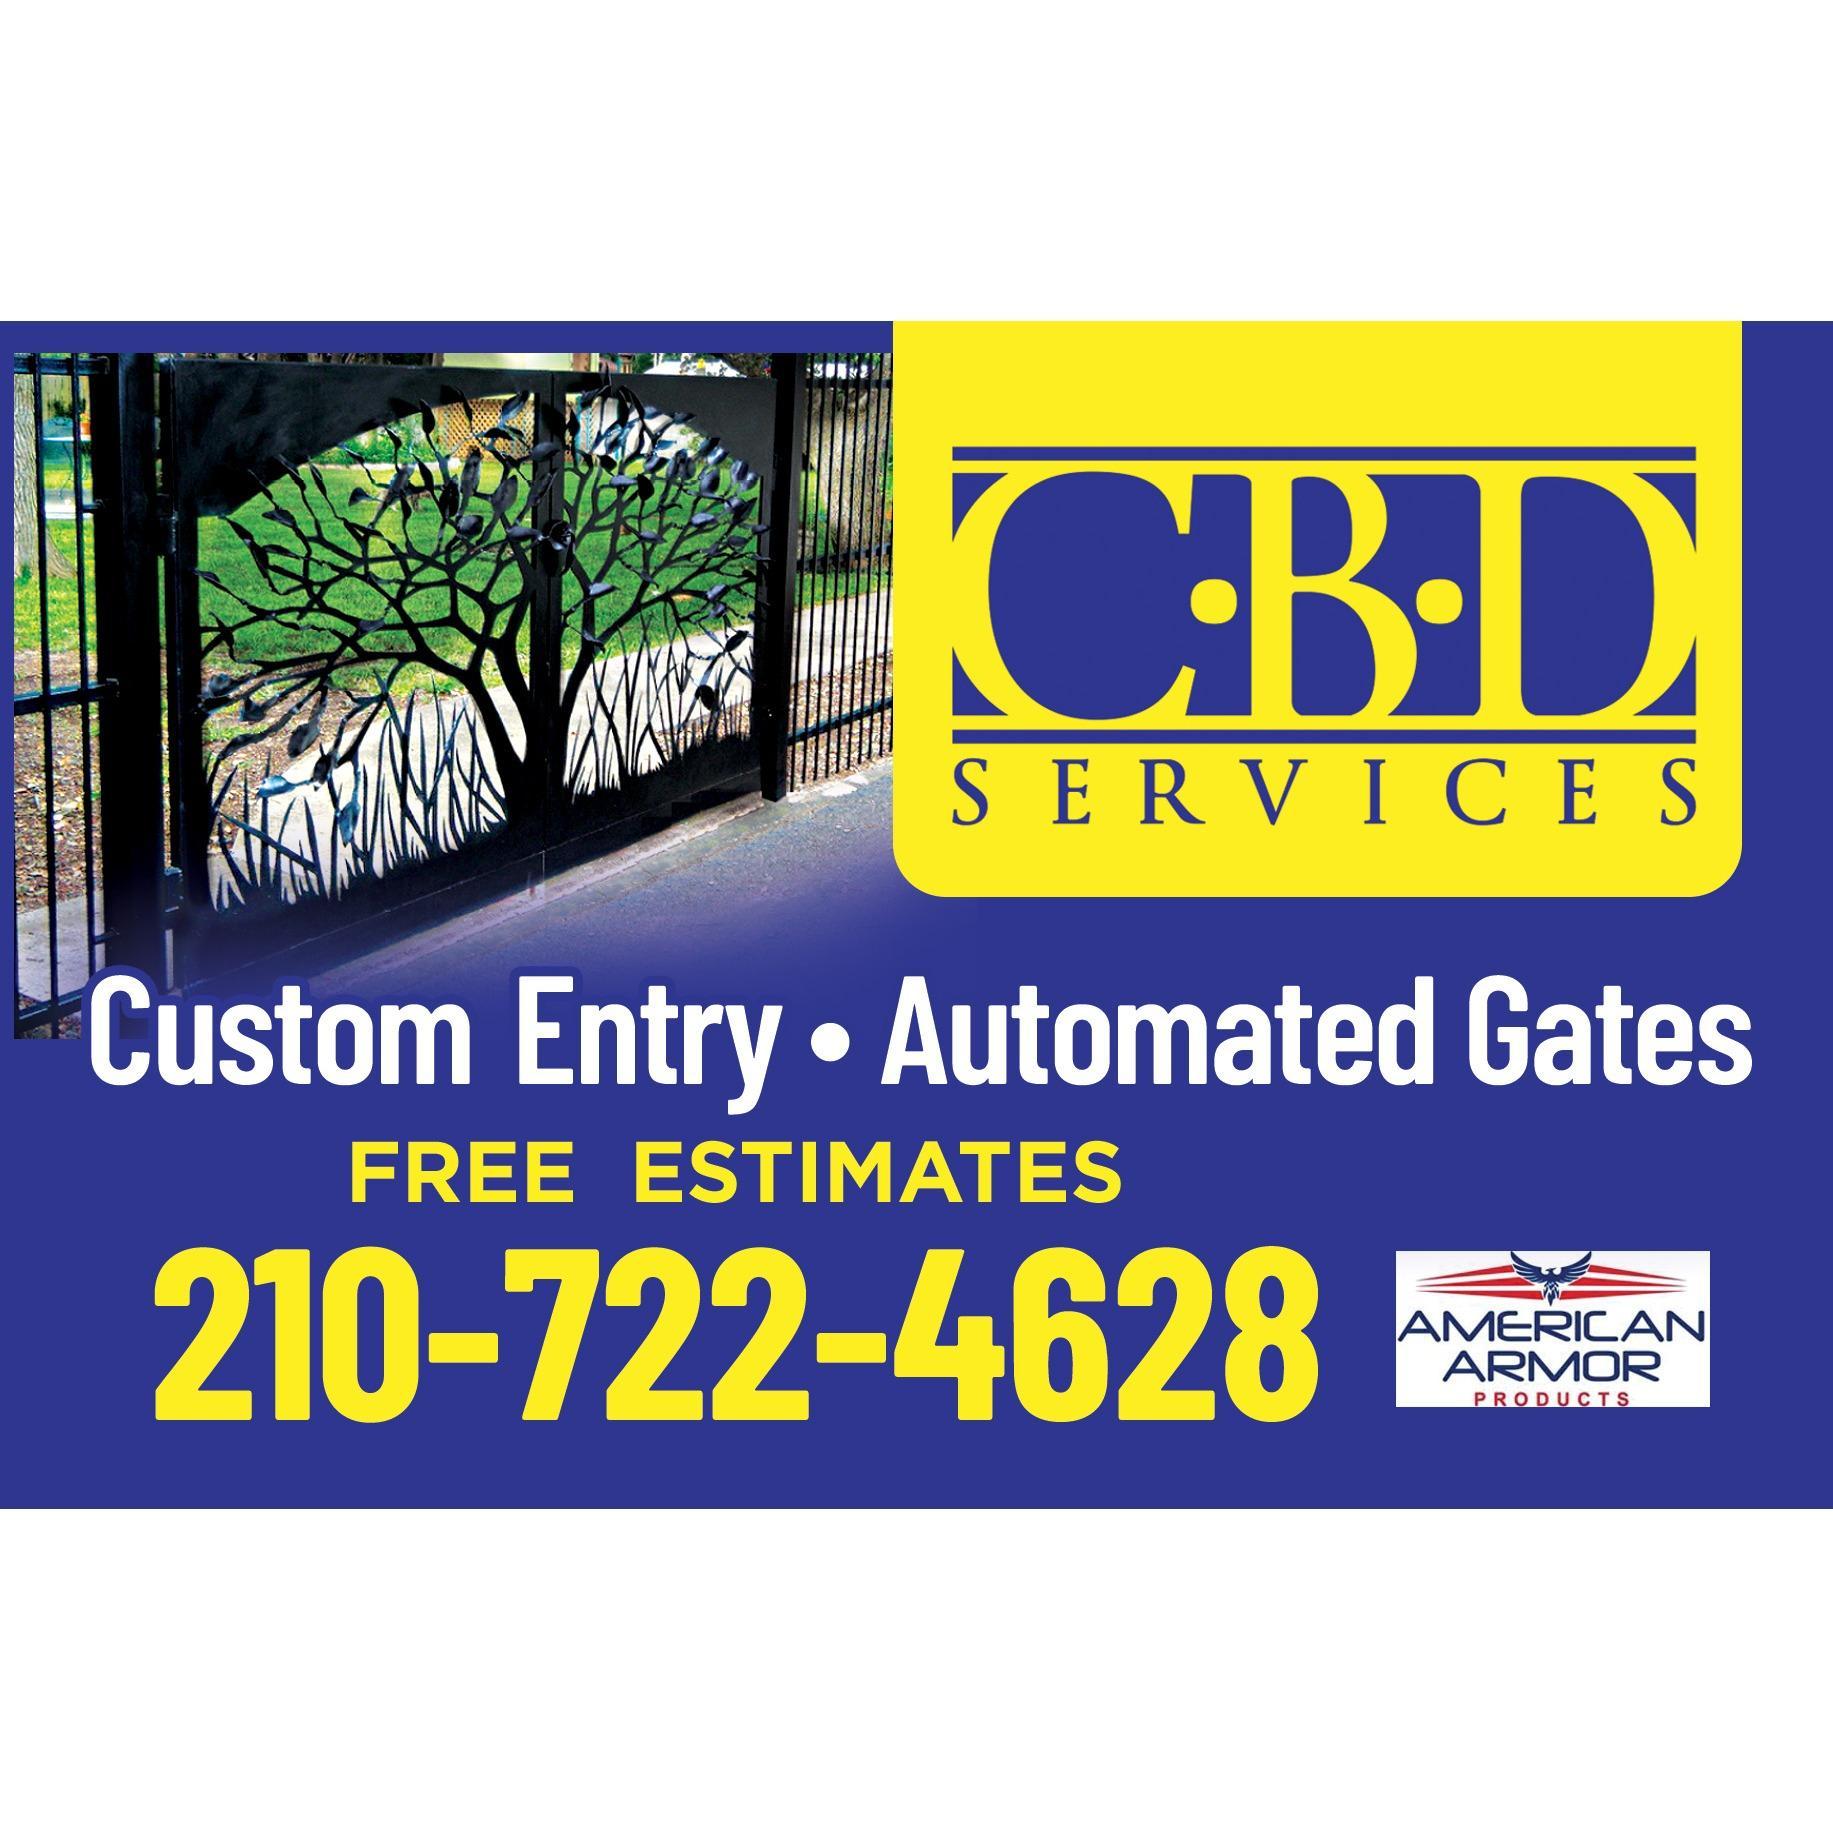 JCBD services